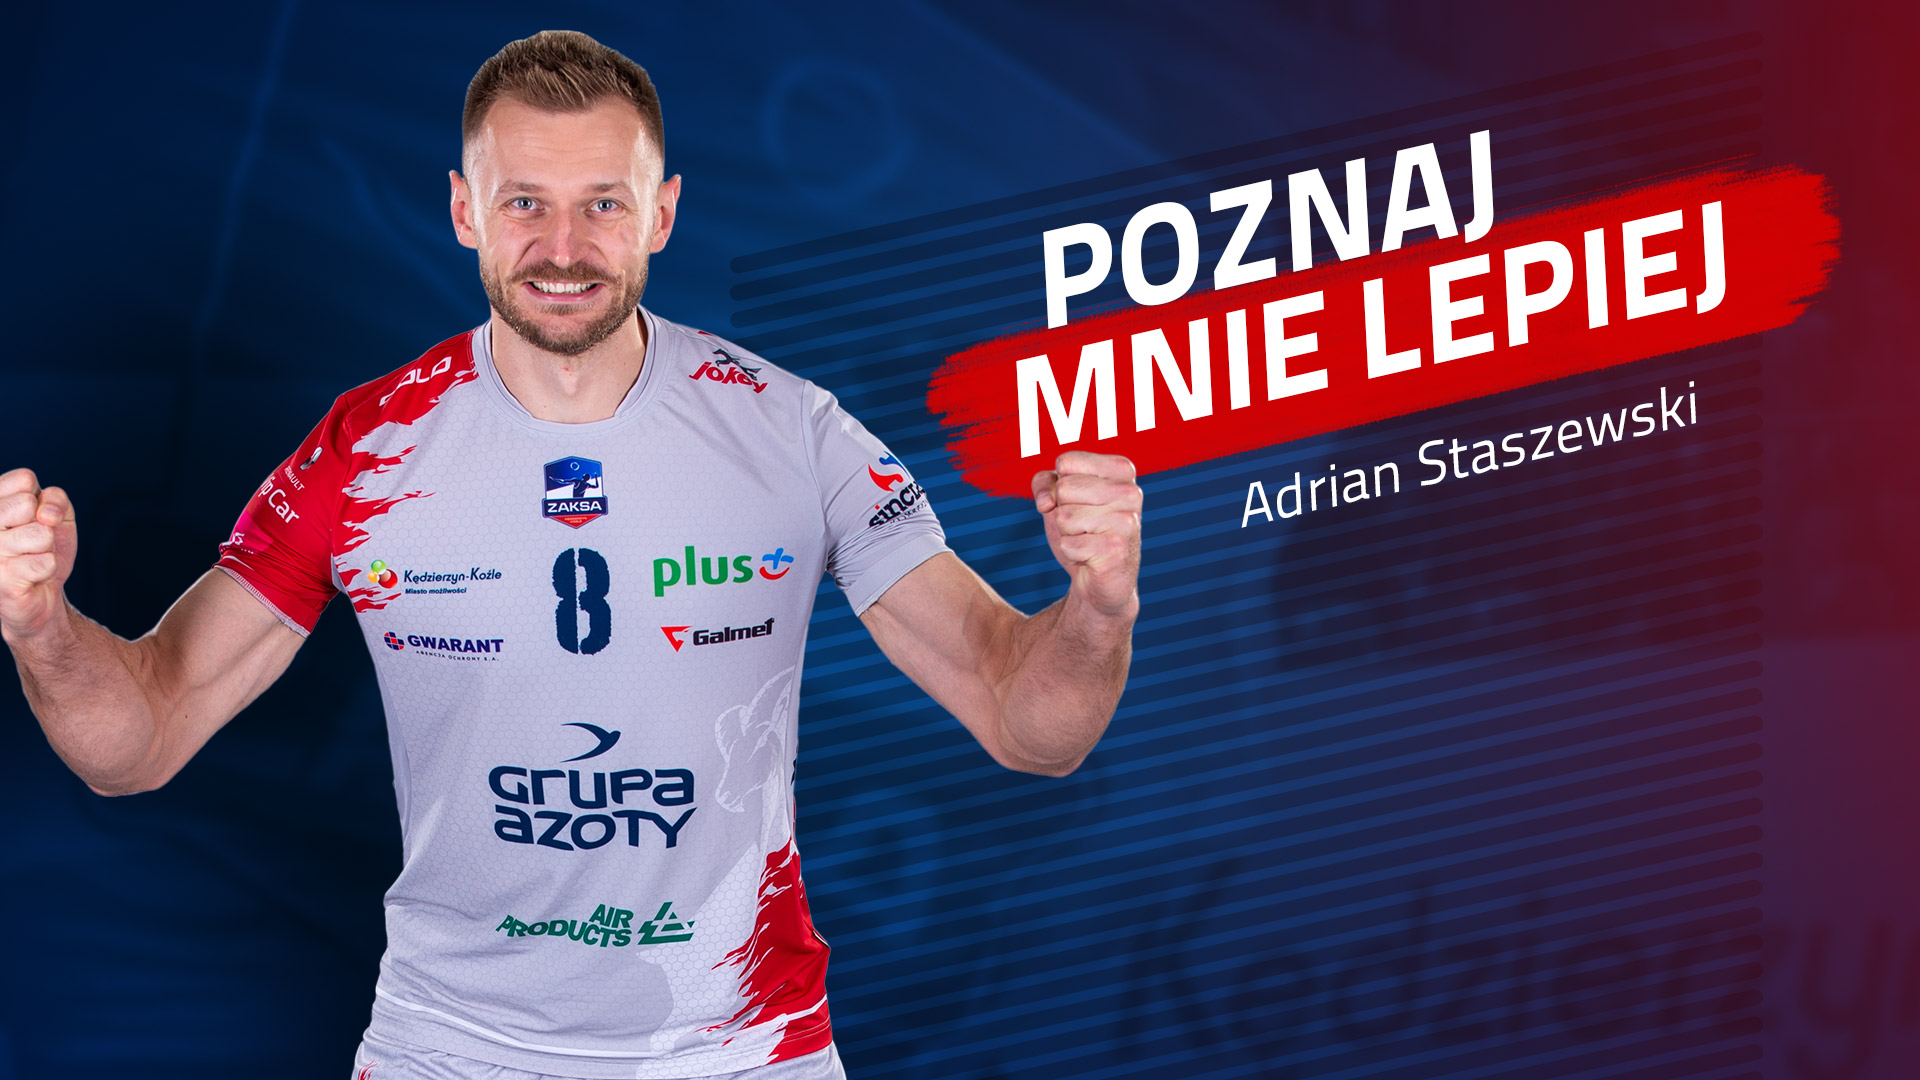 Poznaj mnie lepiej: Adrian Staszewski